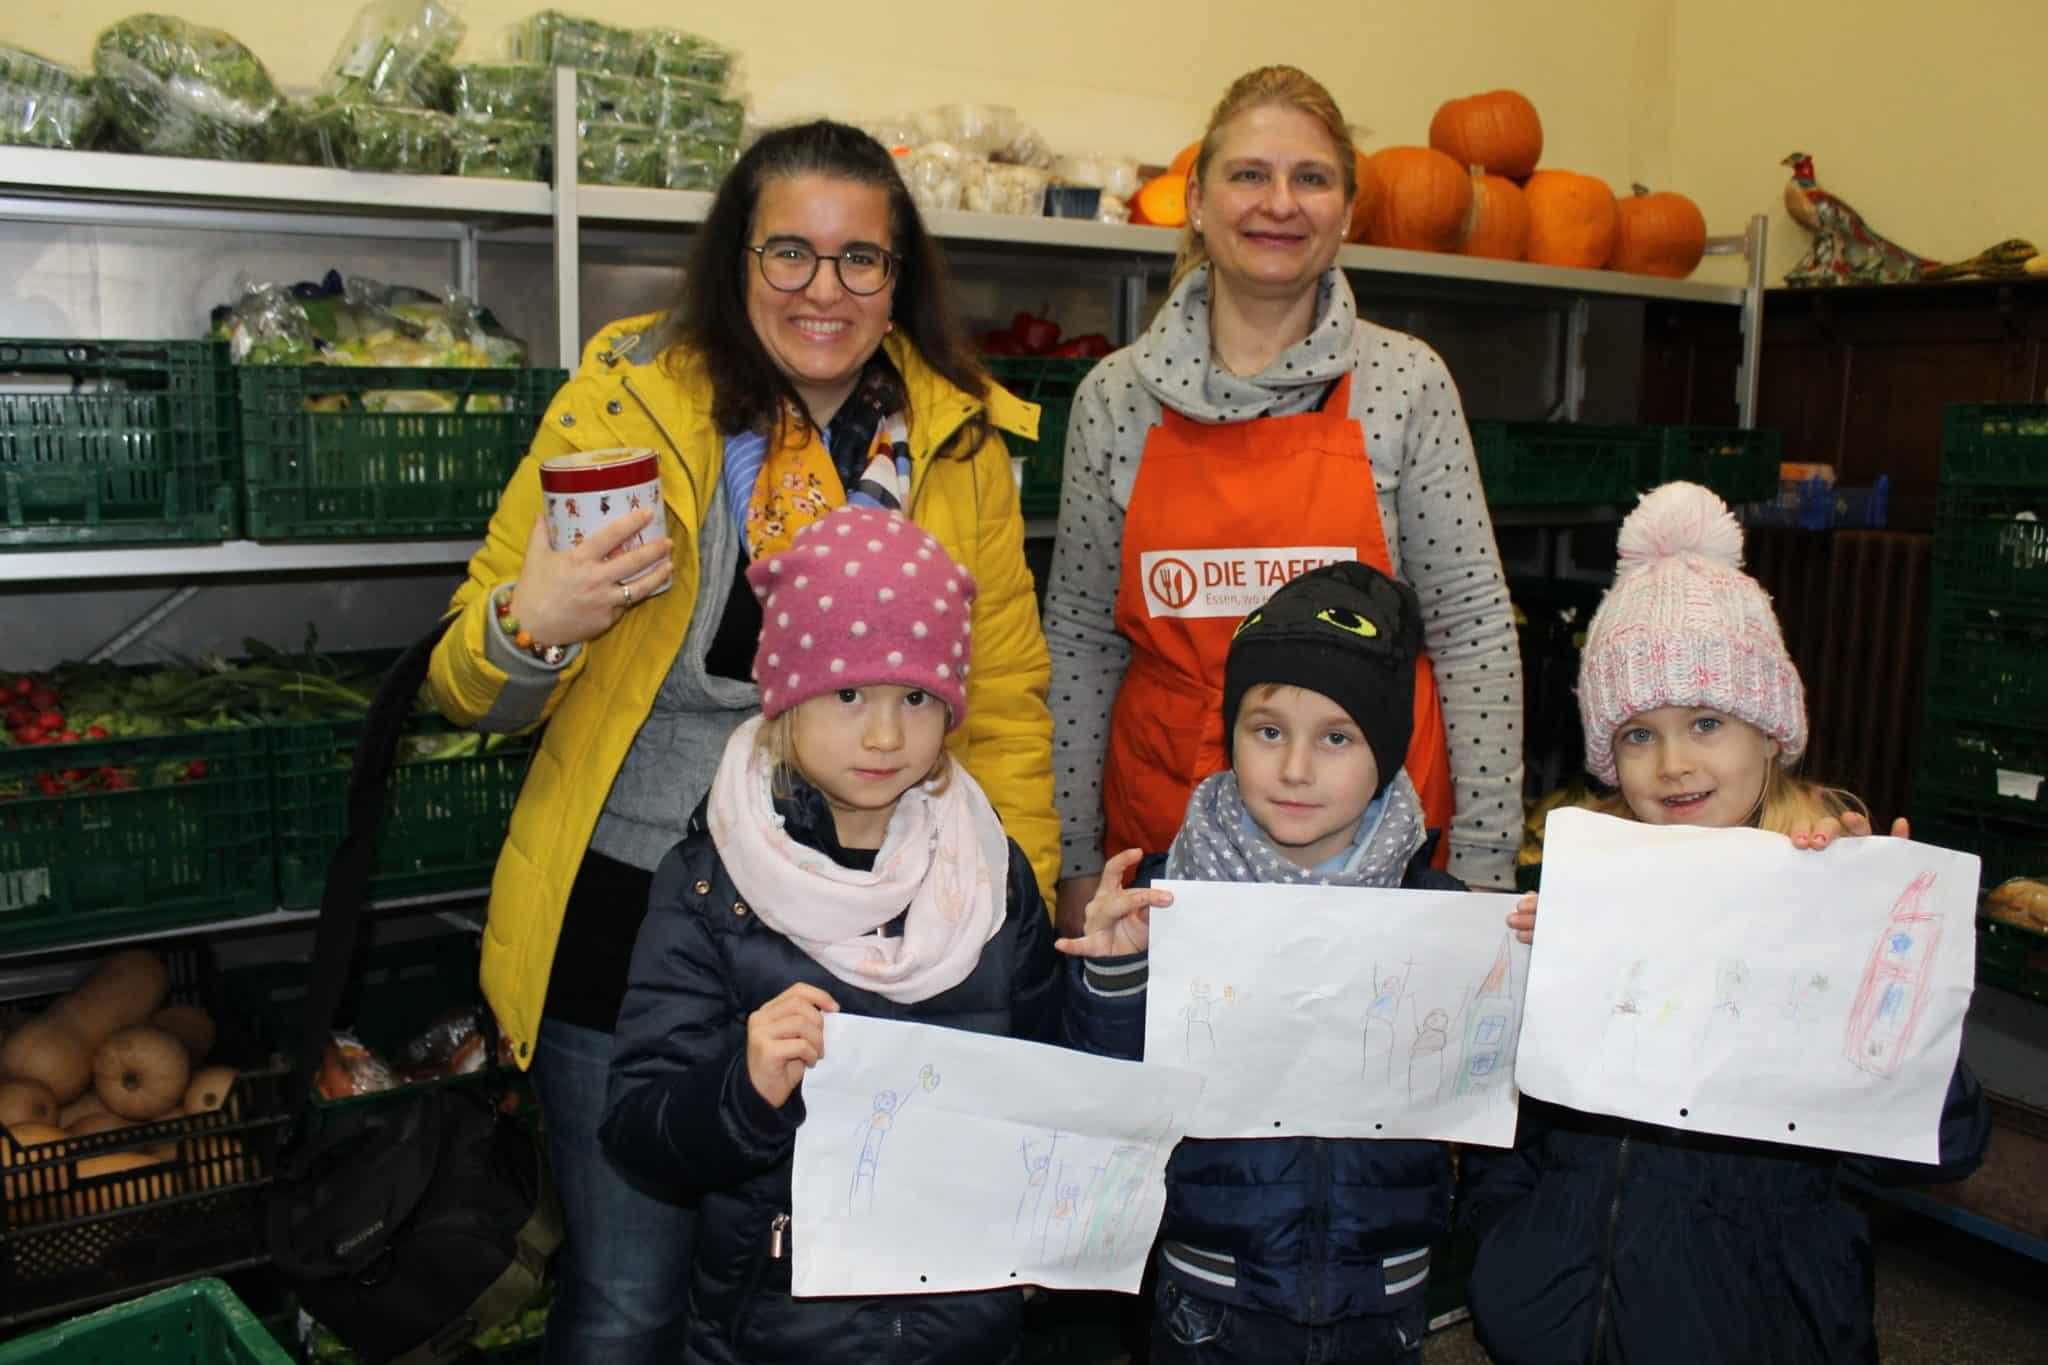 Wir sind zu Besuch in der Kindertafel in Osnabrück